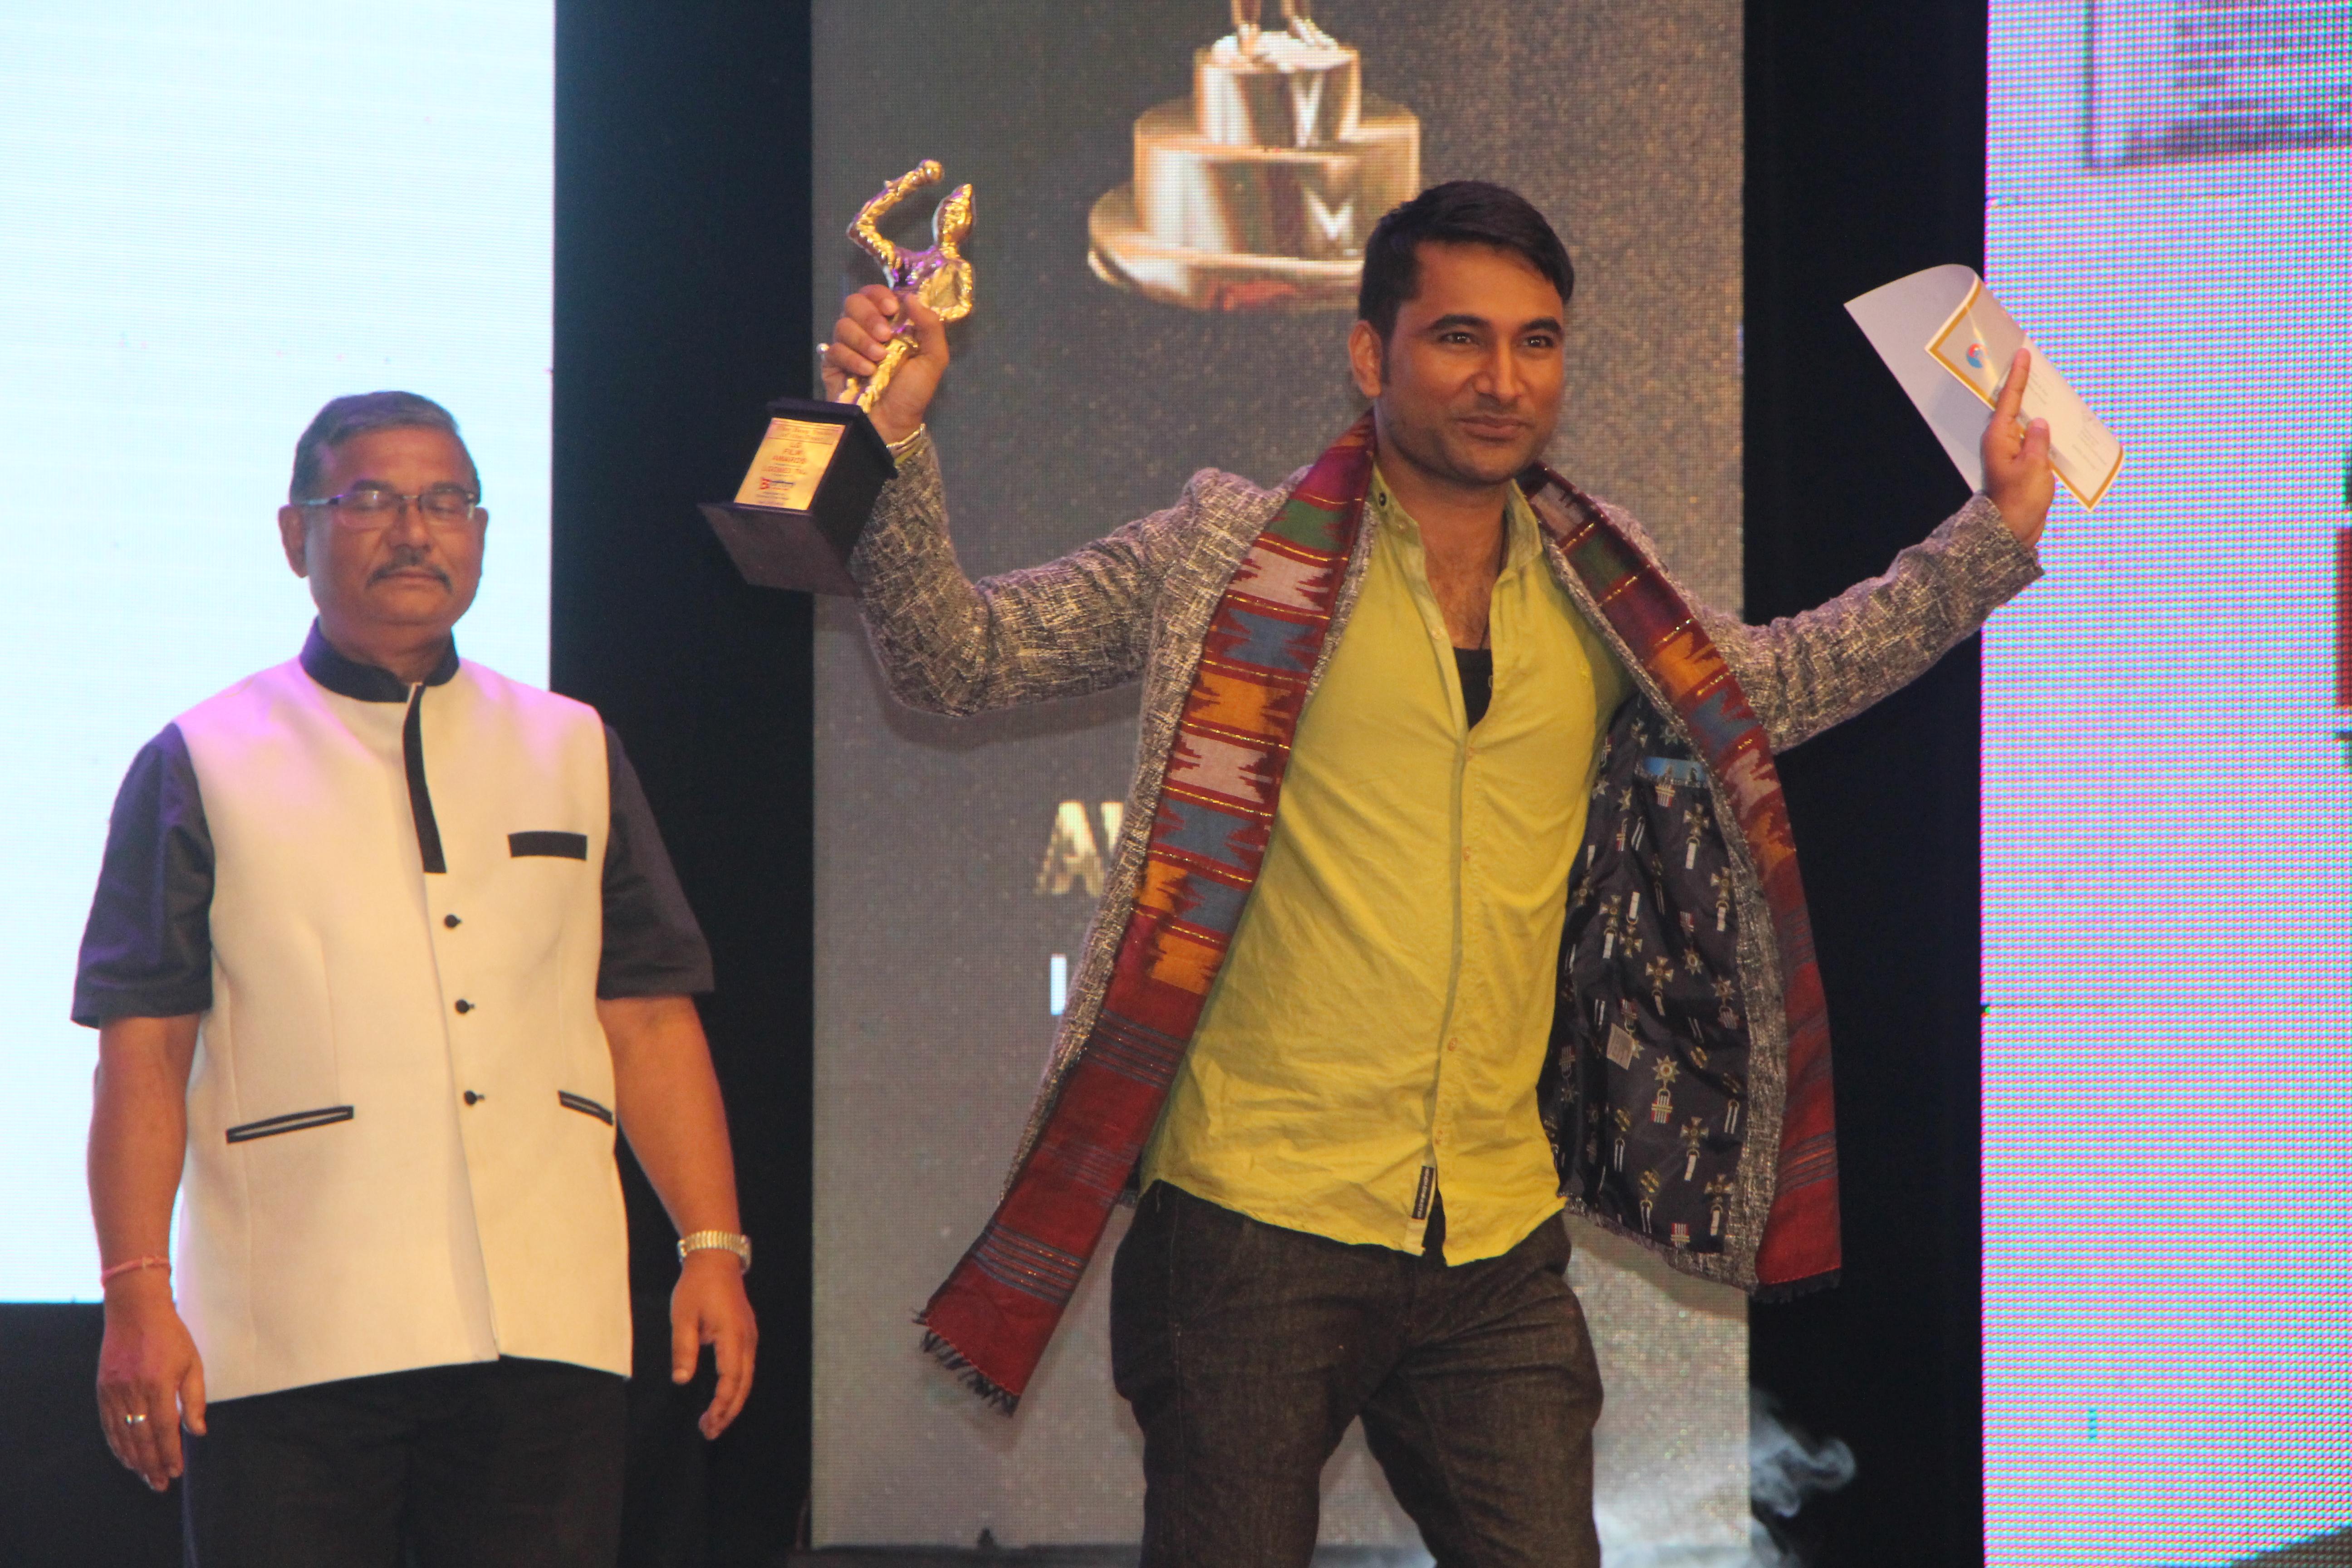 LG film award rangakhabar.com